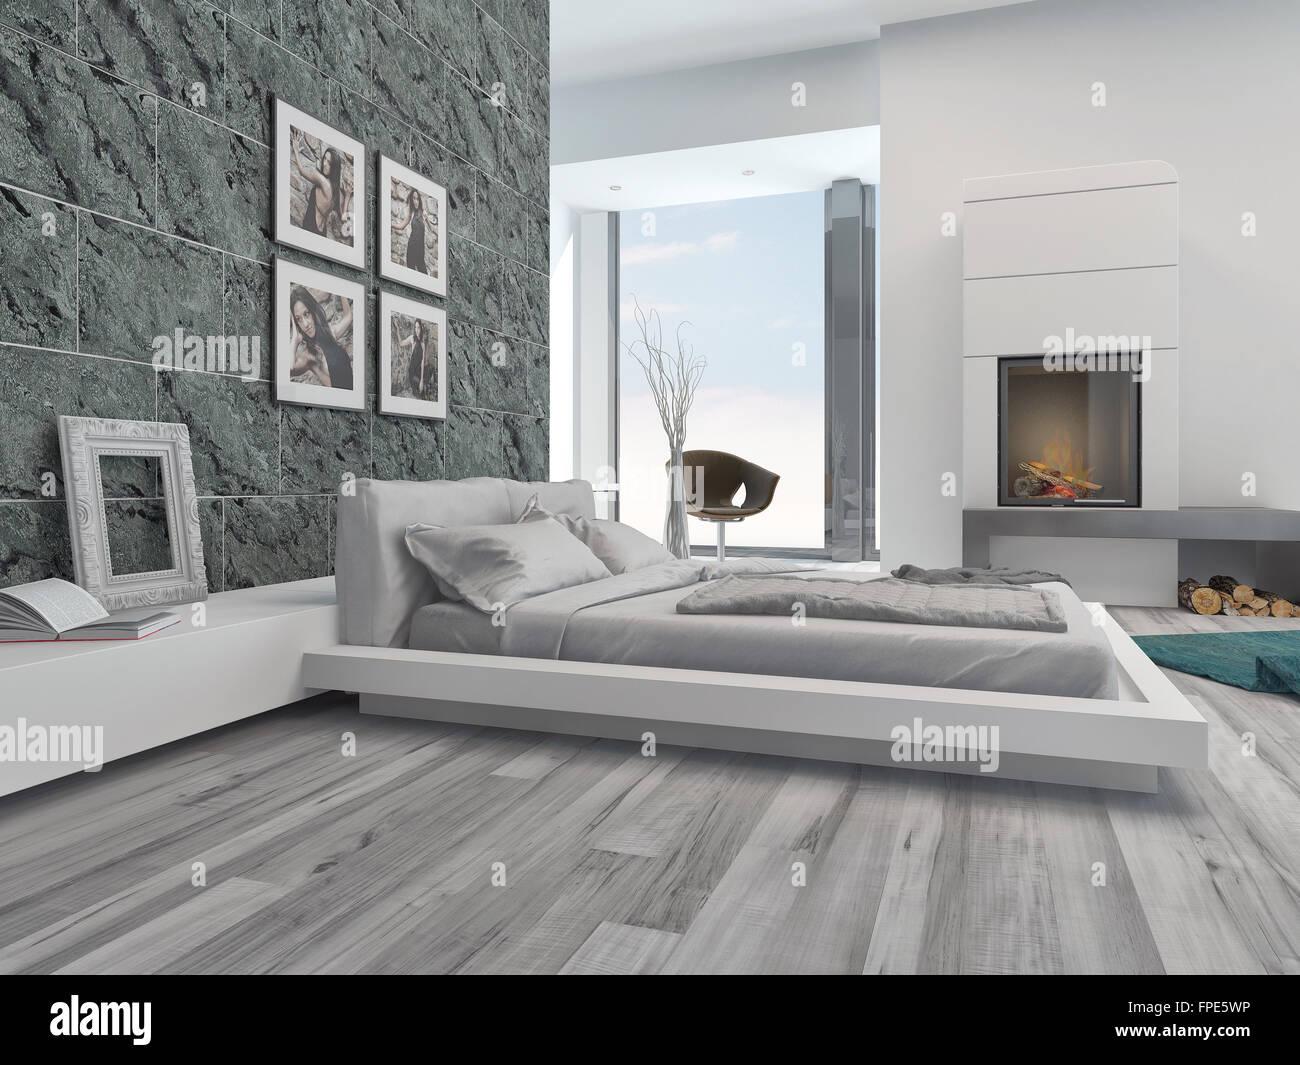 Bois Pour Mur Chambre intérieur chambre à coucher moderne avec un élégant décor